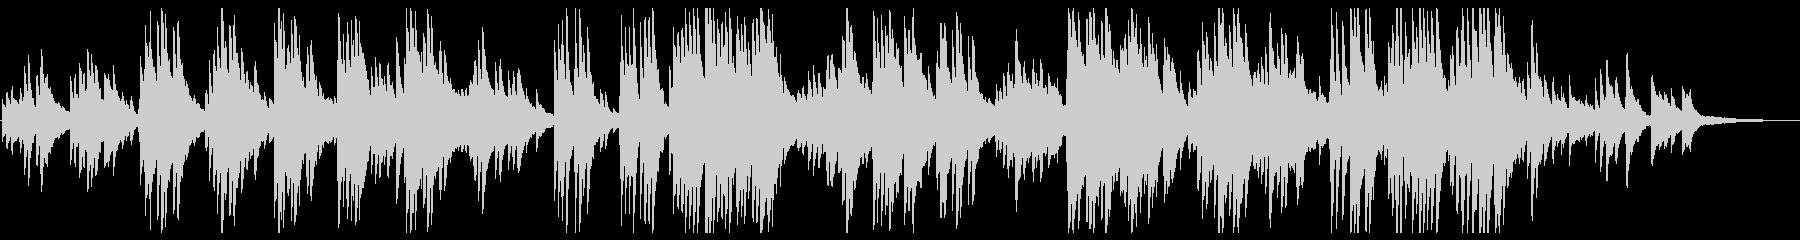 ピアノの響きが心地よい曲の未再生の波形